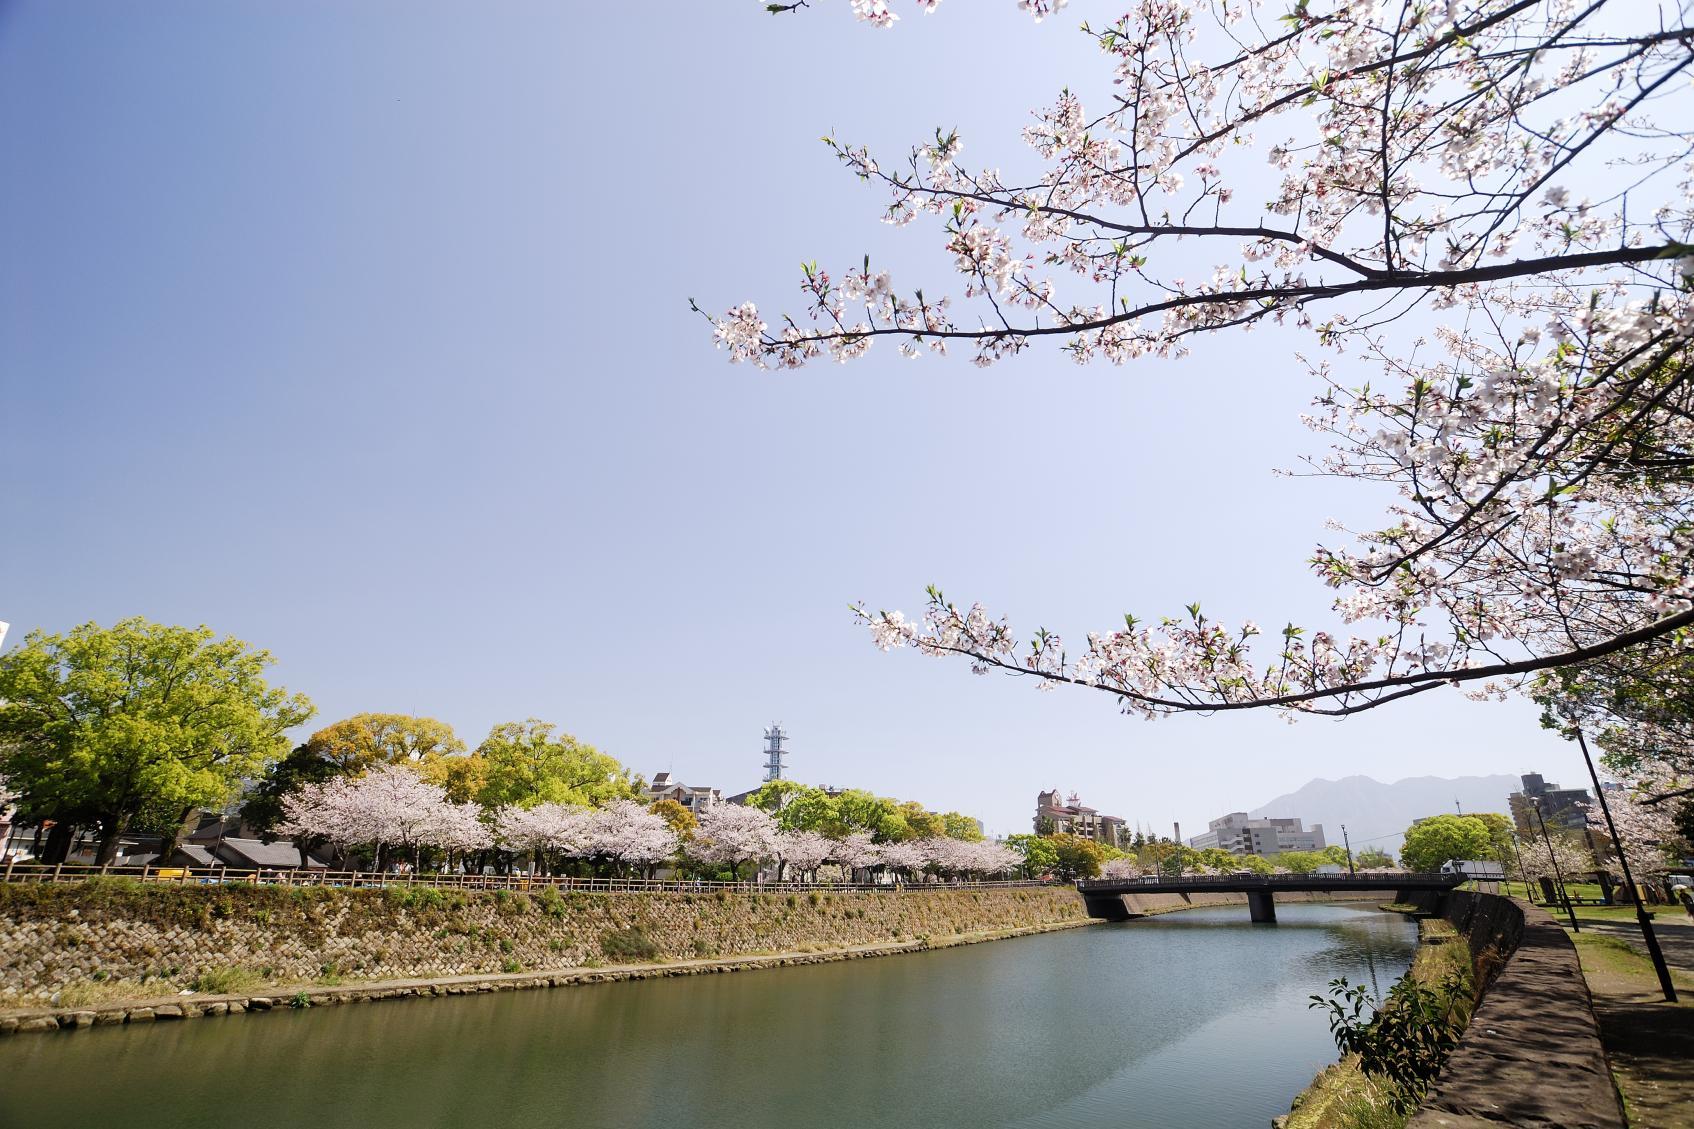 고쓰키가와 강변-1